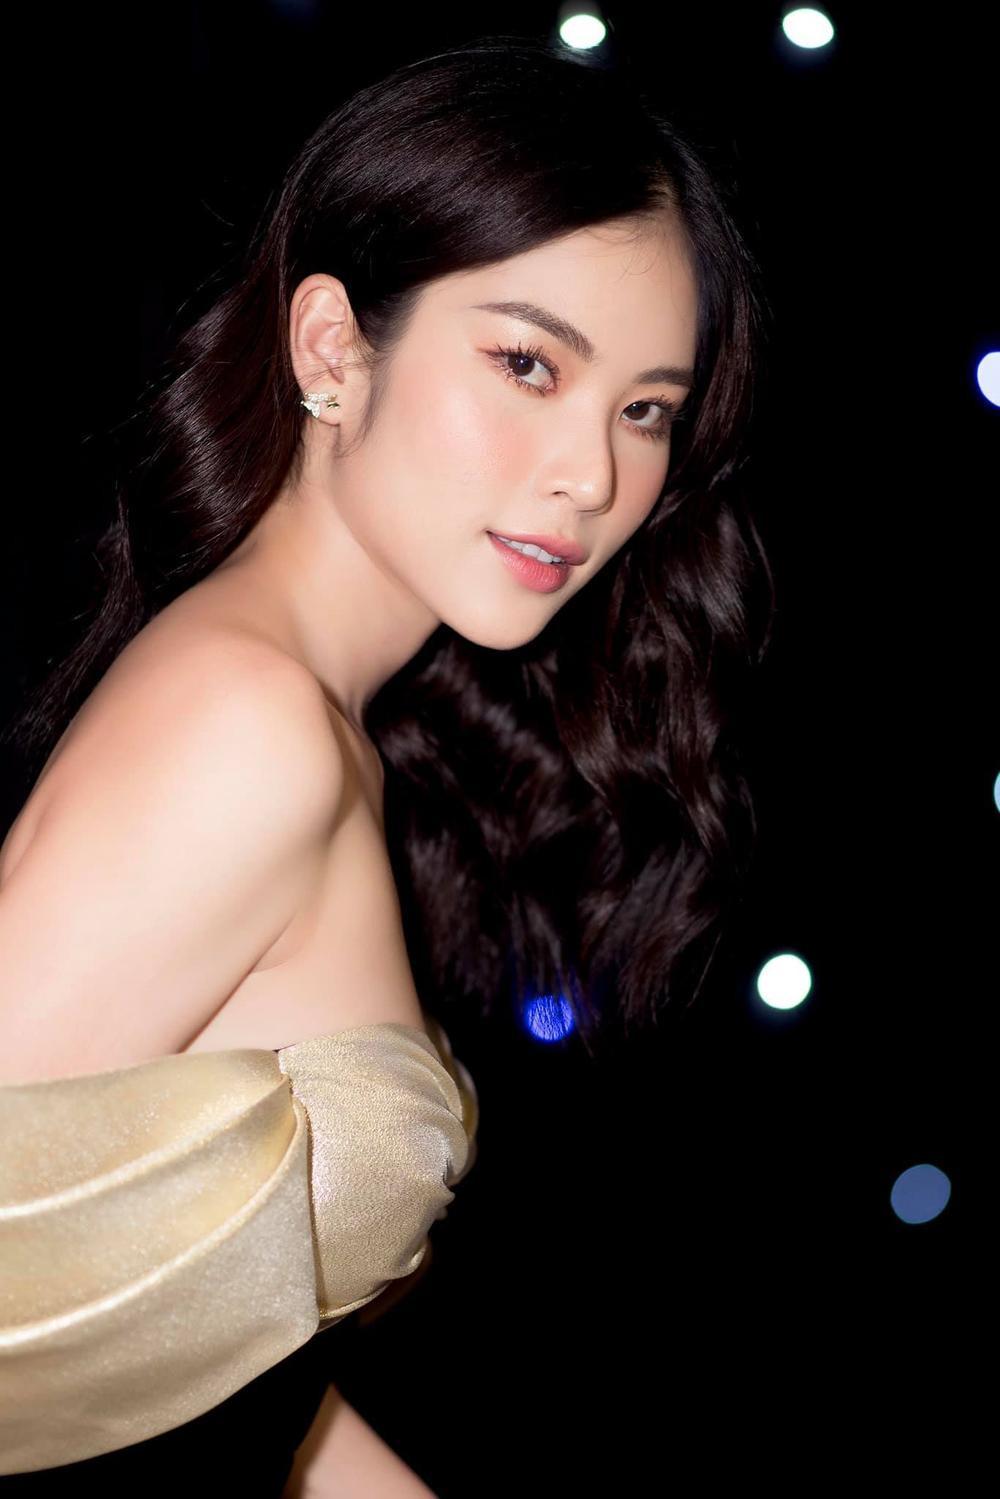 Lệ Nam nguyện ăn chay trọn kiếp hậu ghi danh đấu trường nhan sắc Miss Universe Việt nam 2021 Ảnh 6